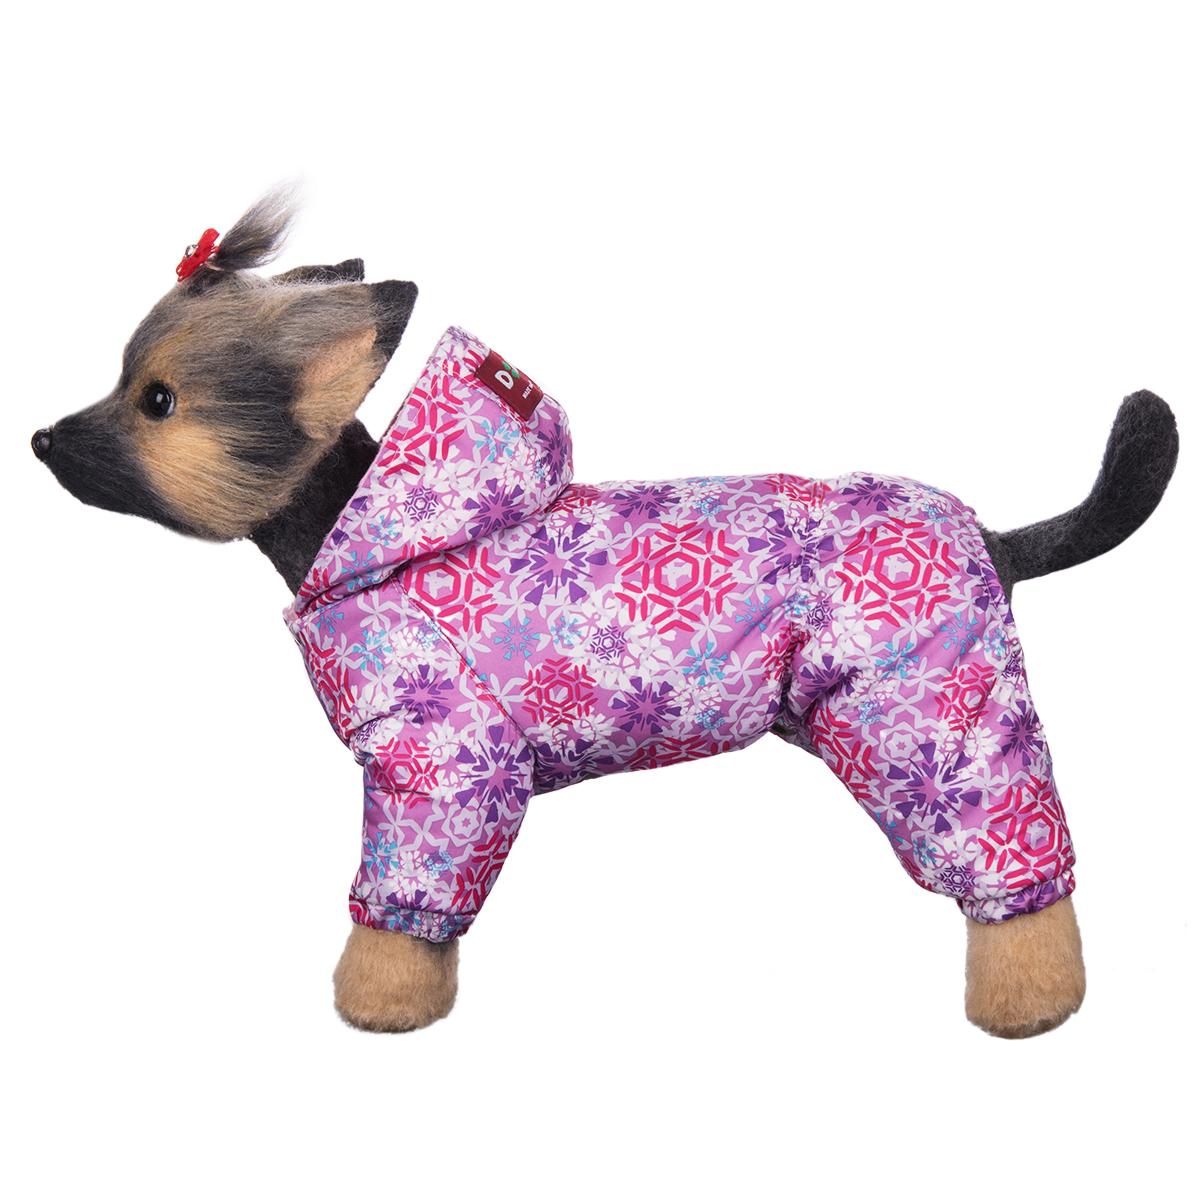 Комбинезон для собак Dogmoda Зима, для девочки. Размер 4 (XL)DM-160259-4Зимний комбинезон для собак Dogmoda Зима отлично подойдет для прогулок в зимнее время года. Комбинезон изготовлен из полиэстера, защищающего от ветра и снега, с утеплителем из синтепона, который сохранит тепло даже в сильные морозы, а на подкладке используется искусственный мех, который обеспечивает отличный воздухообмен. Комбинезон с капюшоном застегивается на кнопки, благодаря чему его легко надевать и снимать. Капюшон не отстегивается. Низ рукавов и брючин оснащен внутренними резинками, которые мягко обхватывают лапки, не позволяя просачиваться холодному воздуху. Благодаря такому комбинезону простуда не грозит вашему питомцу.